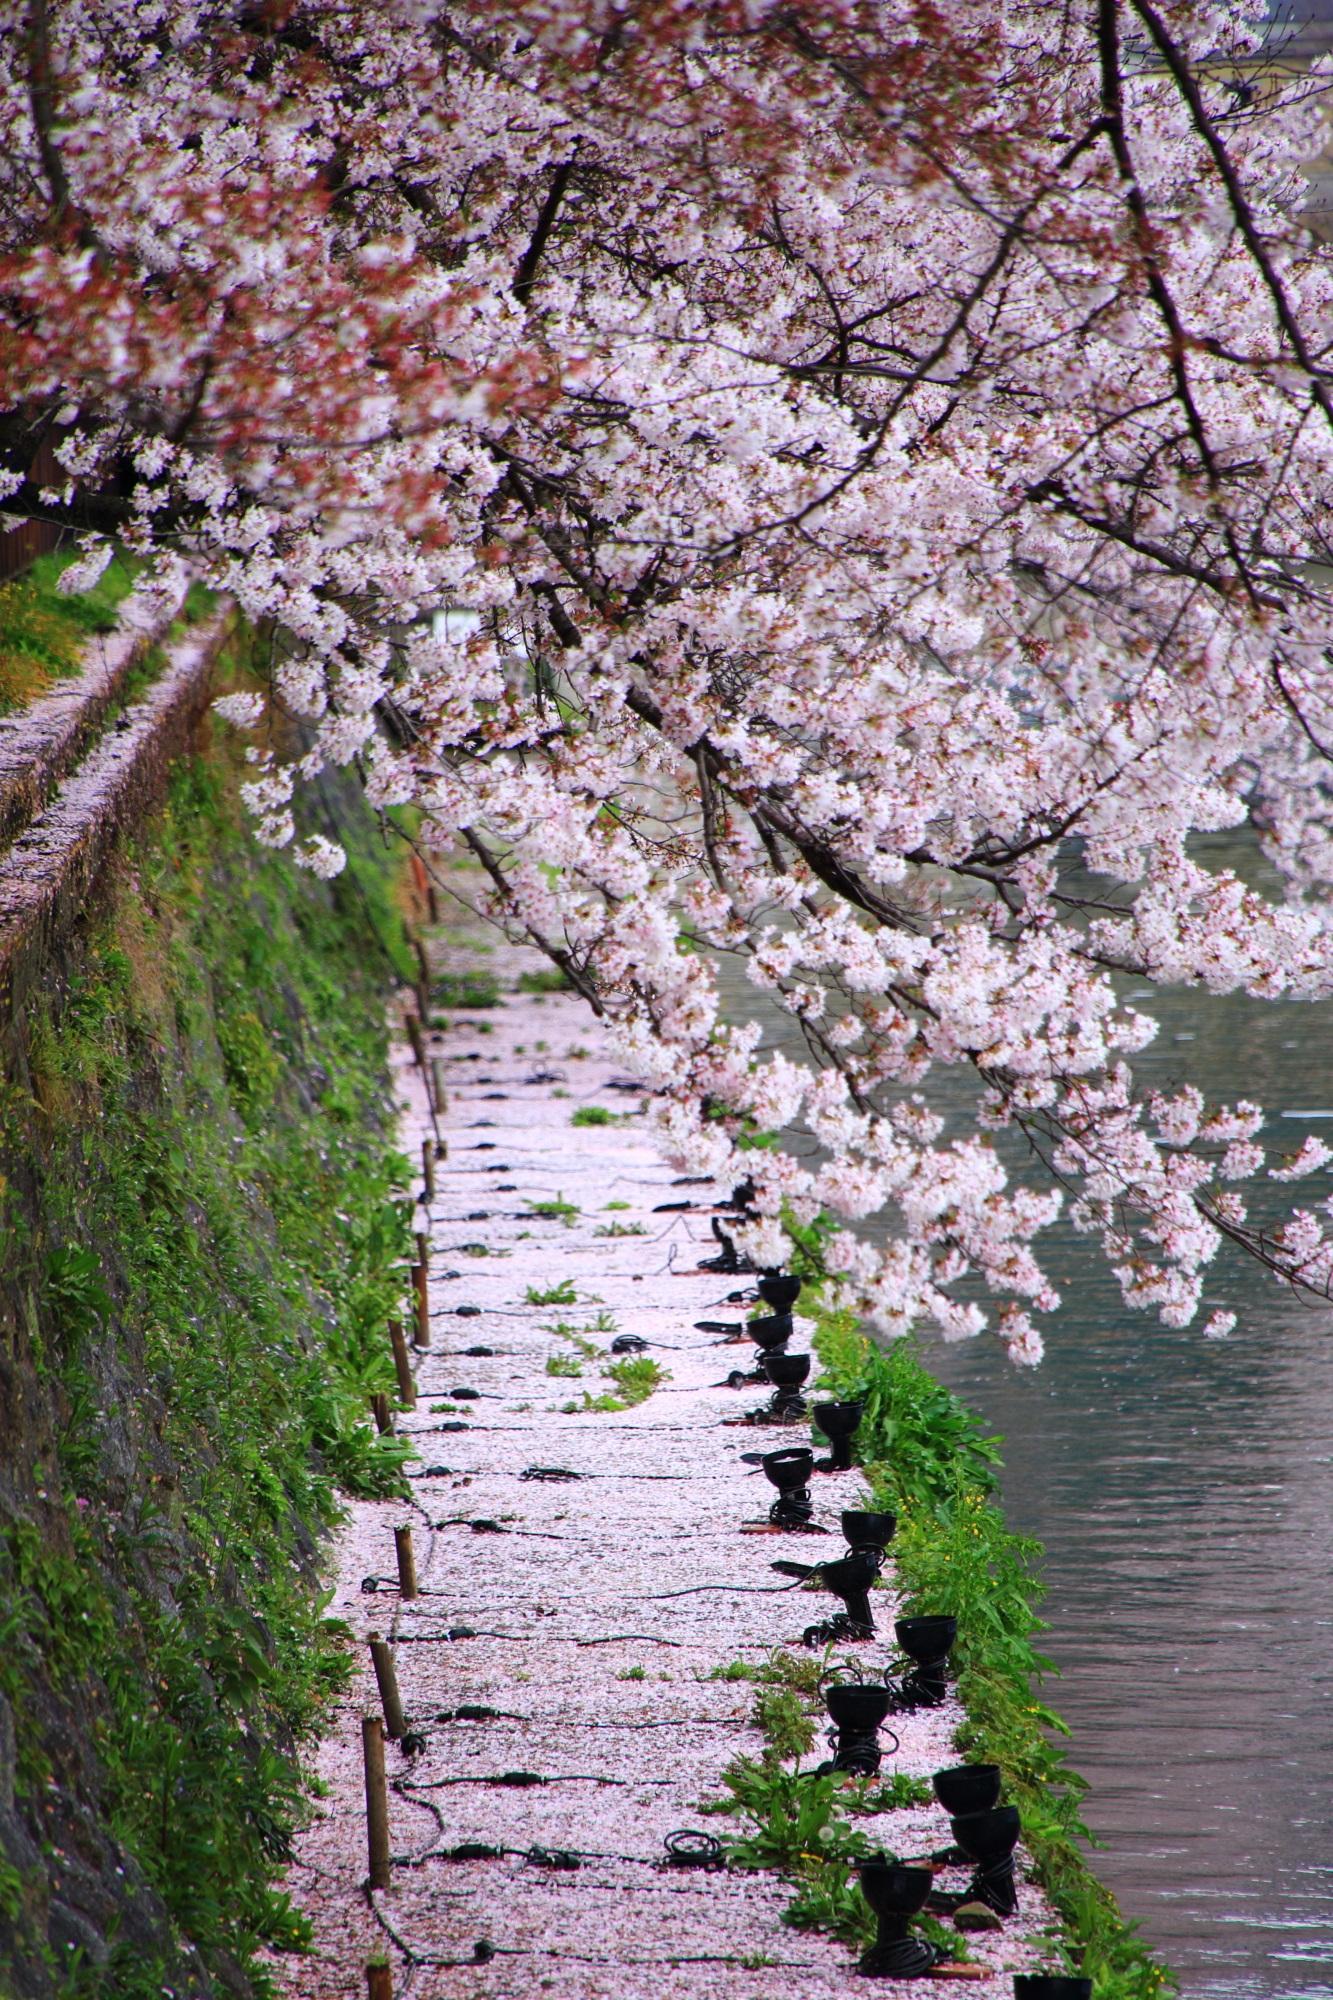 岡崎疏水の素晴らしい散り桜と春の情景